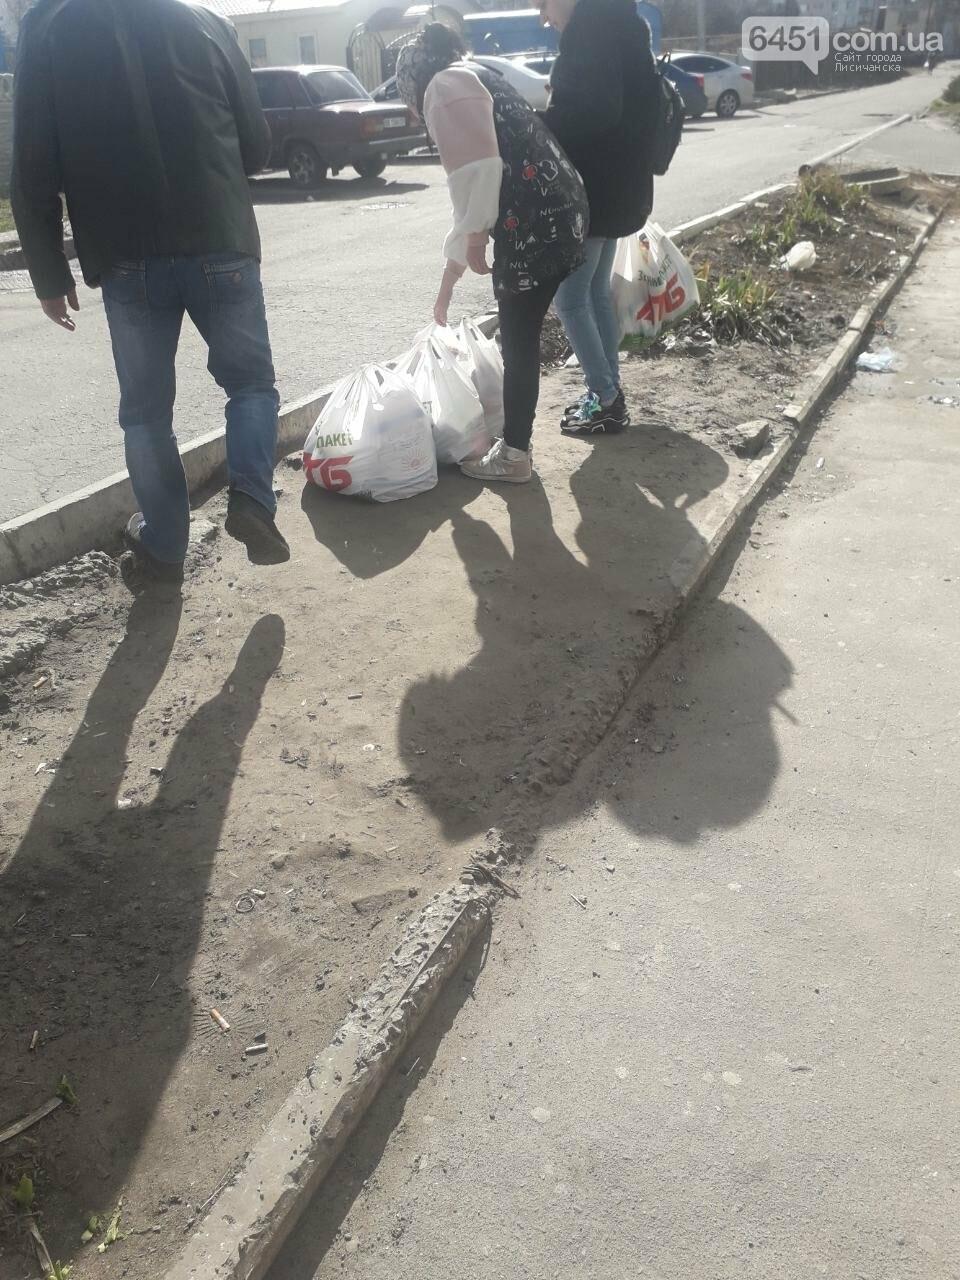 Ажиотажа нет, но продукты раскупают: что происходит в супермаркетах Лисичанска накануне карантина (фоторепортаж), фото-7